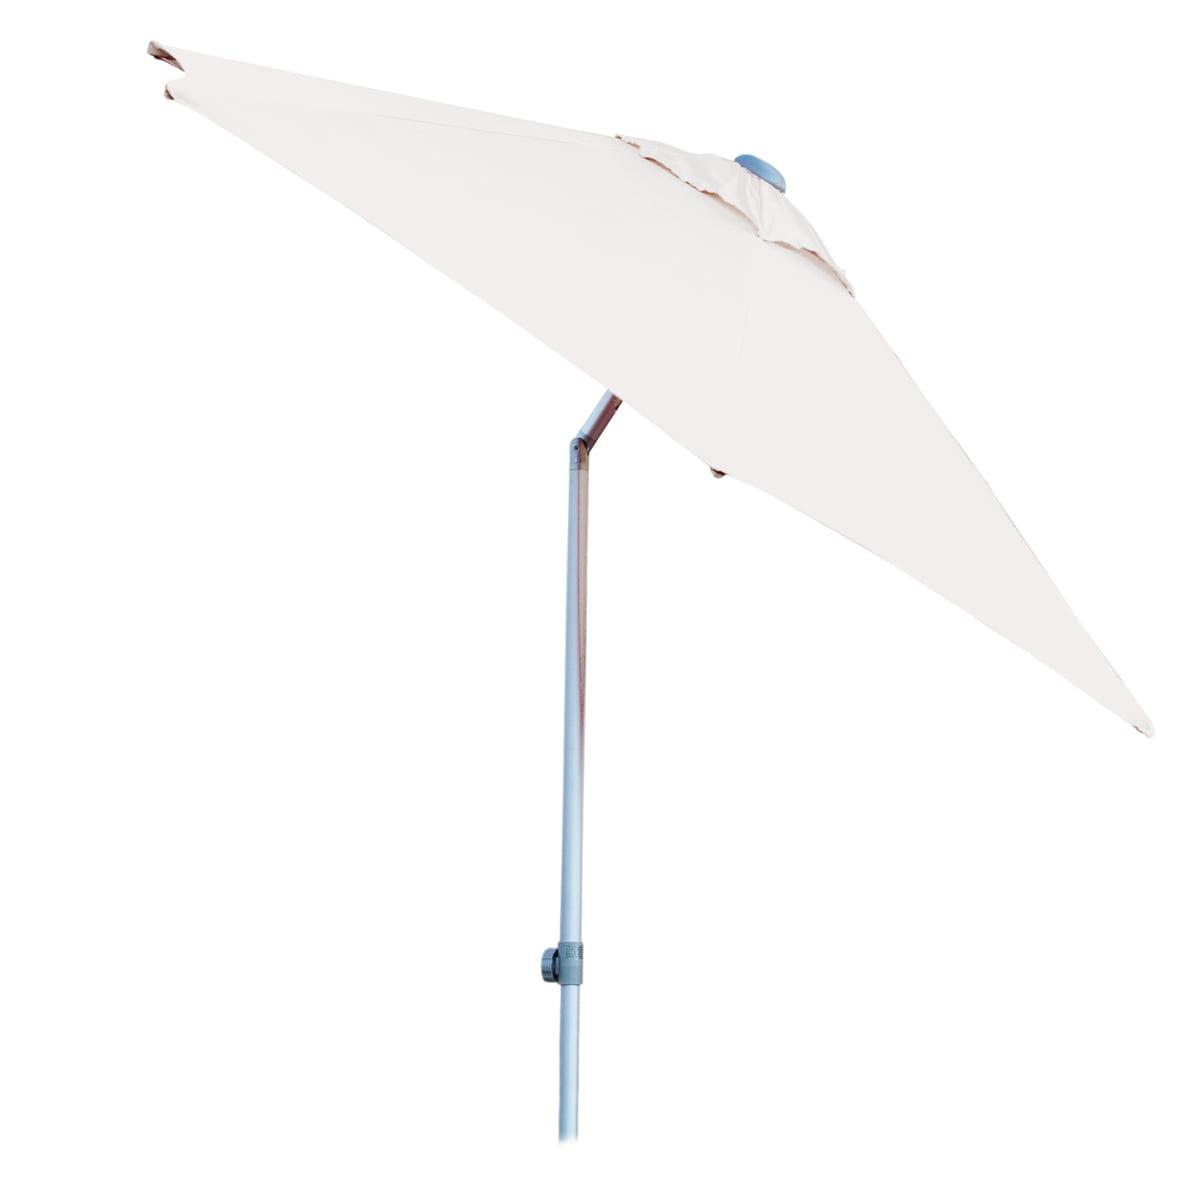 Jan Kurtz Sonnenschirm elba sonnenschirm rund jan kurtz kaufen